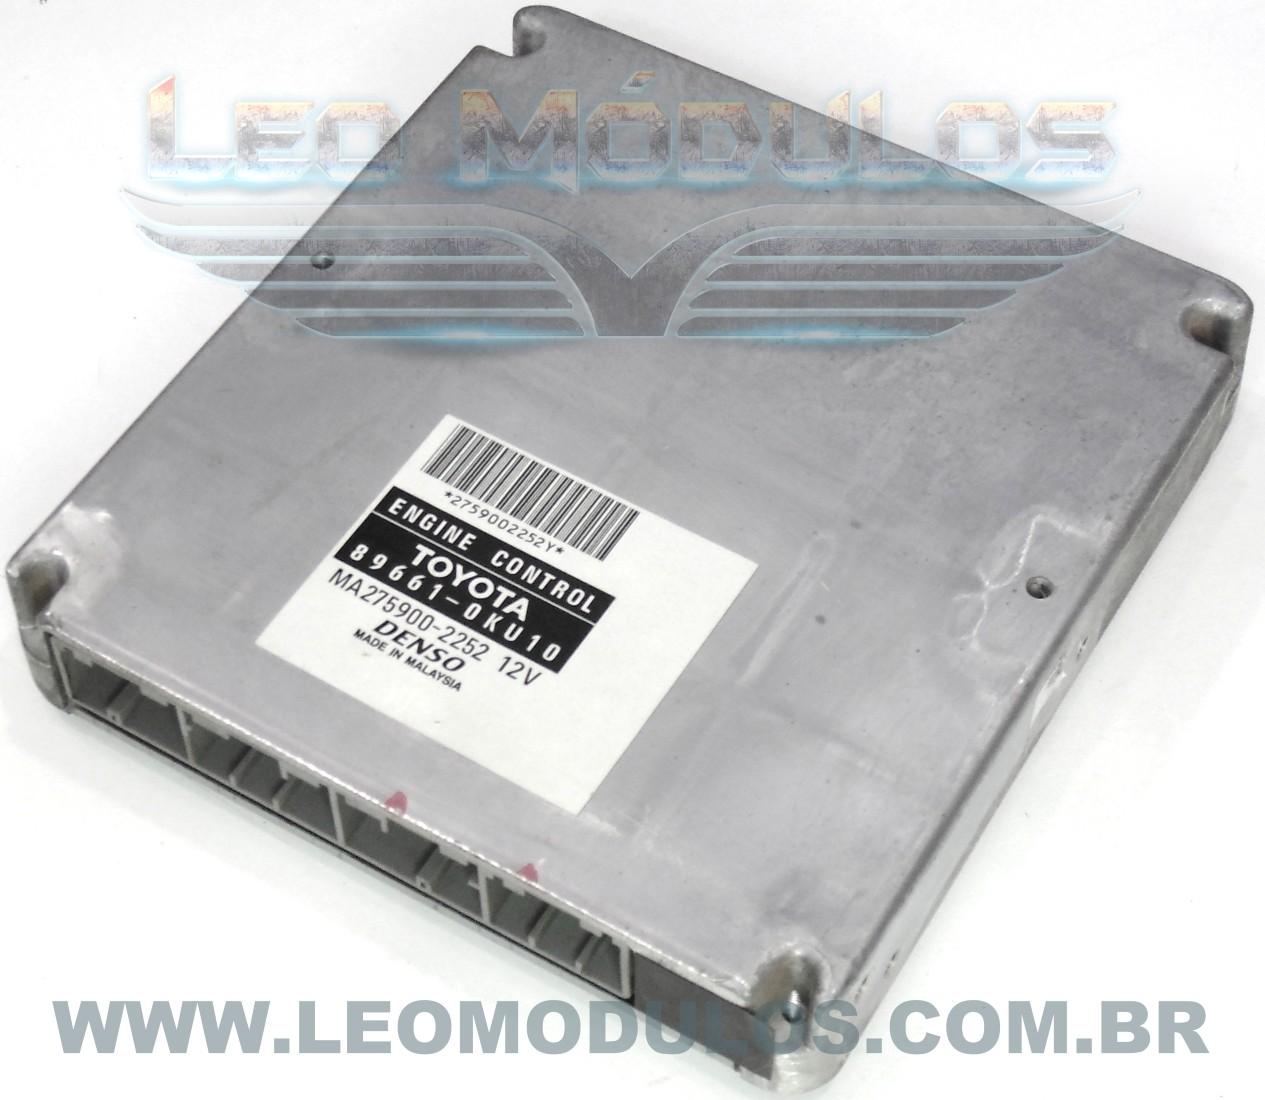 Módulo de injeção Diesel - 89661-0KU10 MA275900-2252 - Hilux SW4 3.0 TDI - Leo Módulos